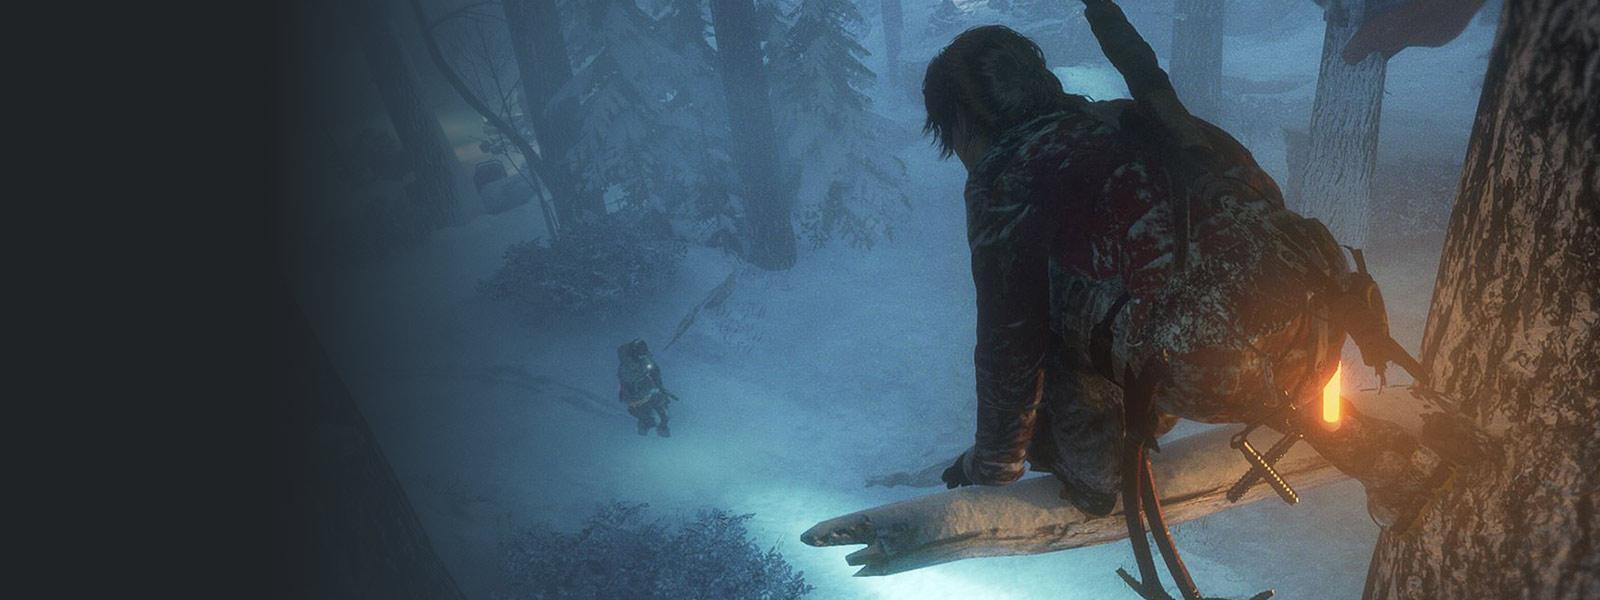 Lara op een besneeuwde boomtak, klaar om een vijand onder zich te bespringen